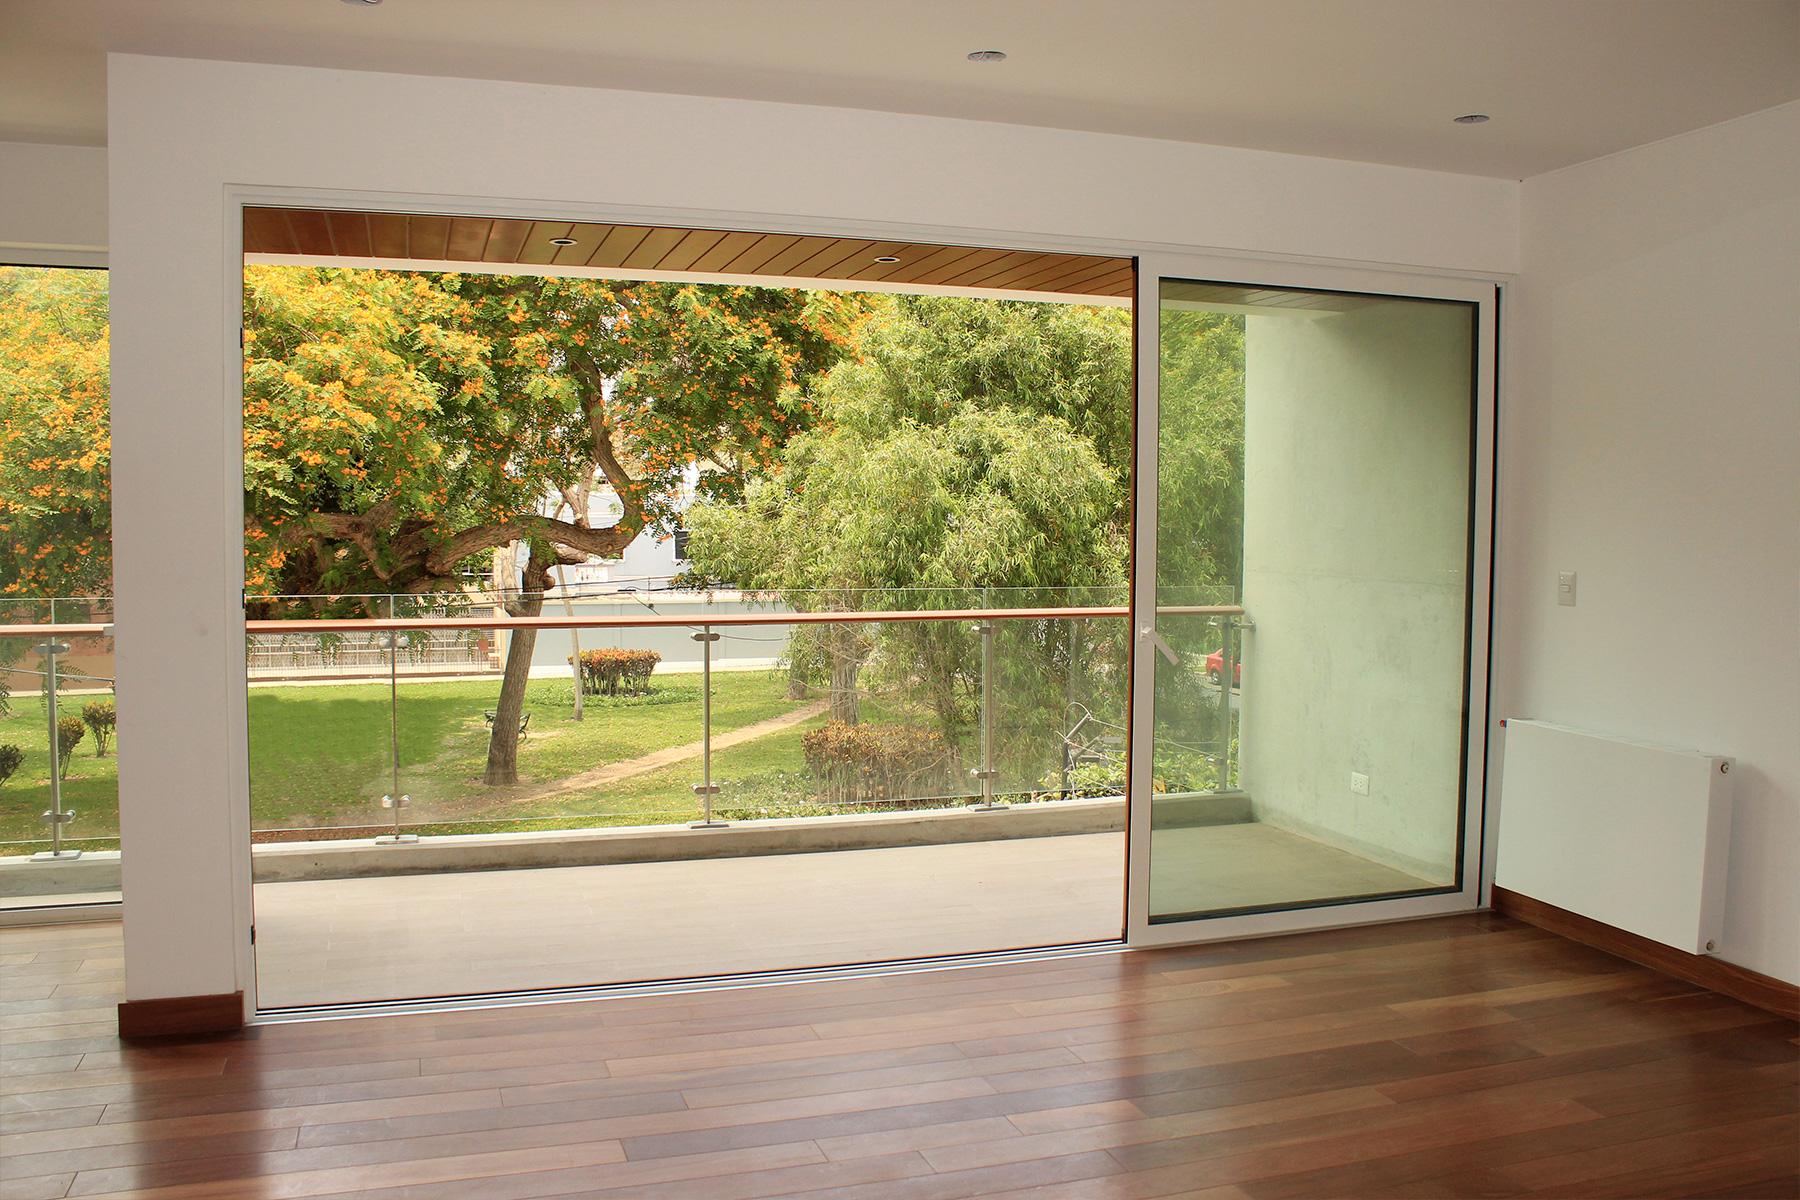 Apartment for Sale at Lujoso flat de estreno frente a parque Calle Santa Teresita, San Isidro San Isidro, Lima, 27 Peru